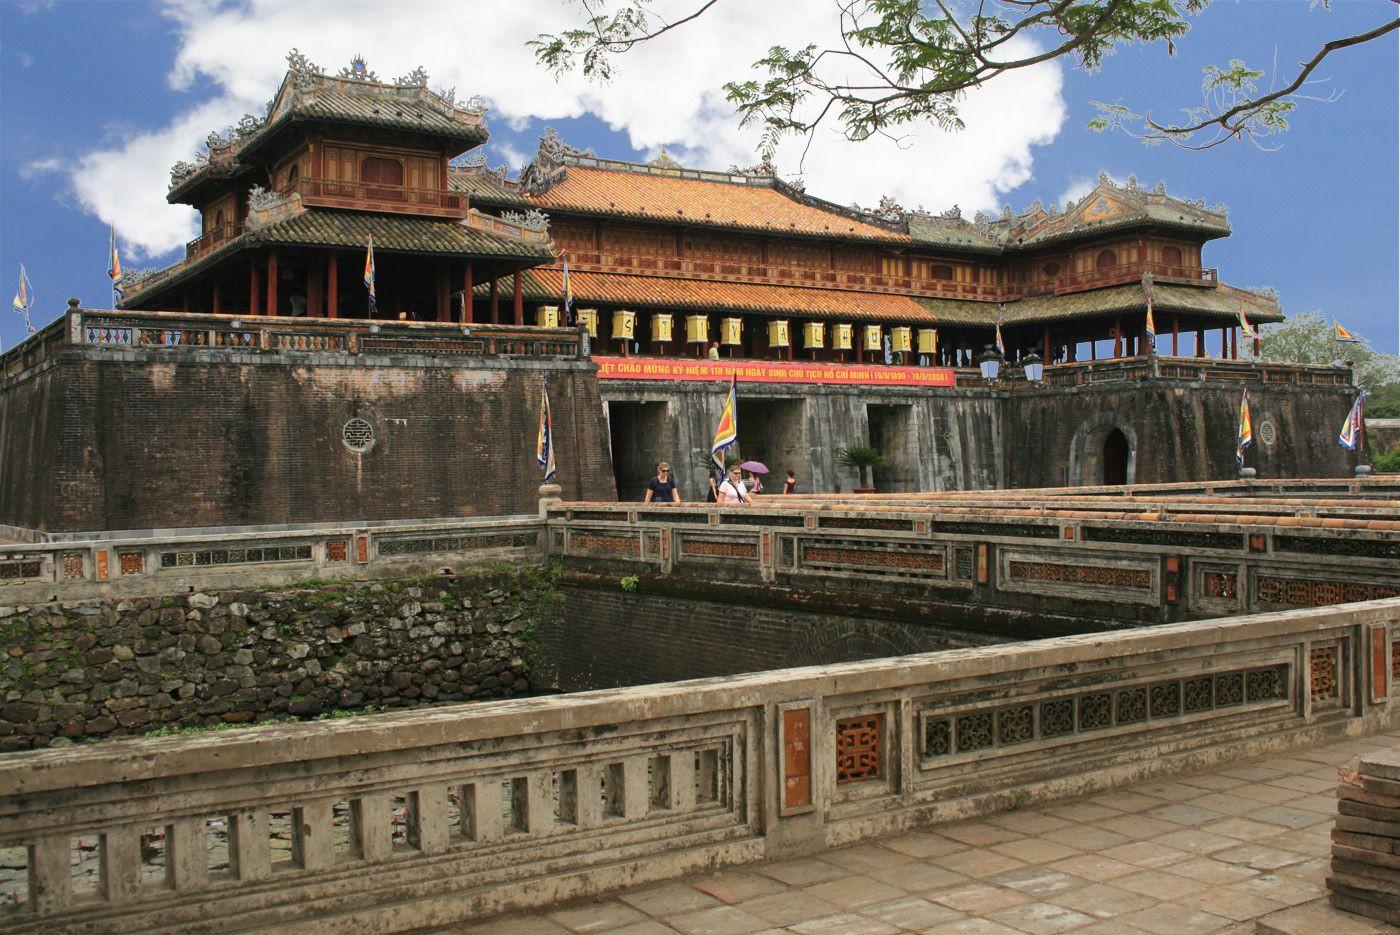 Du lịch Huế - cố đô